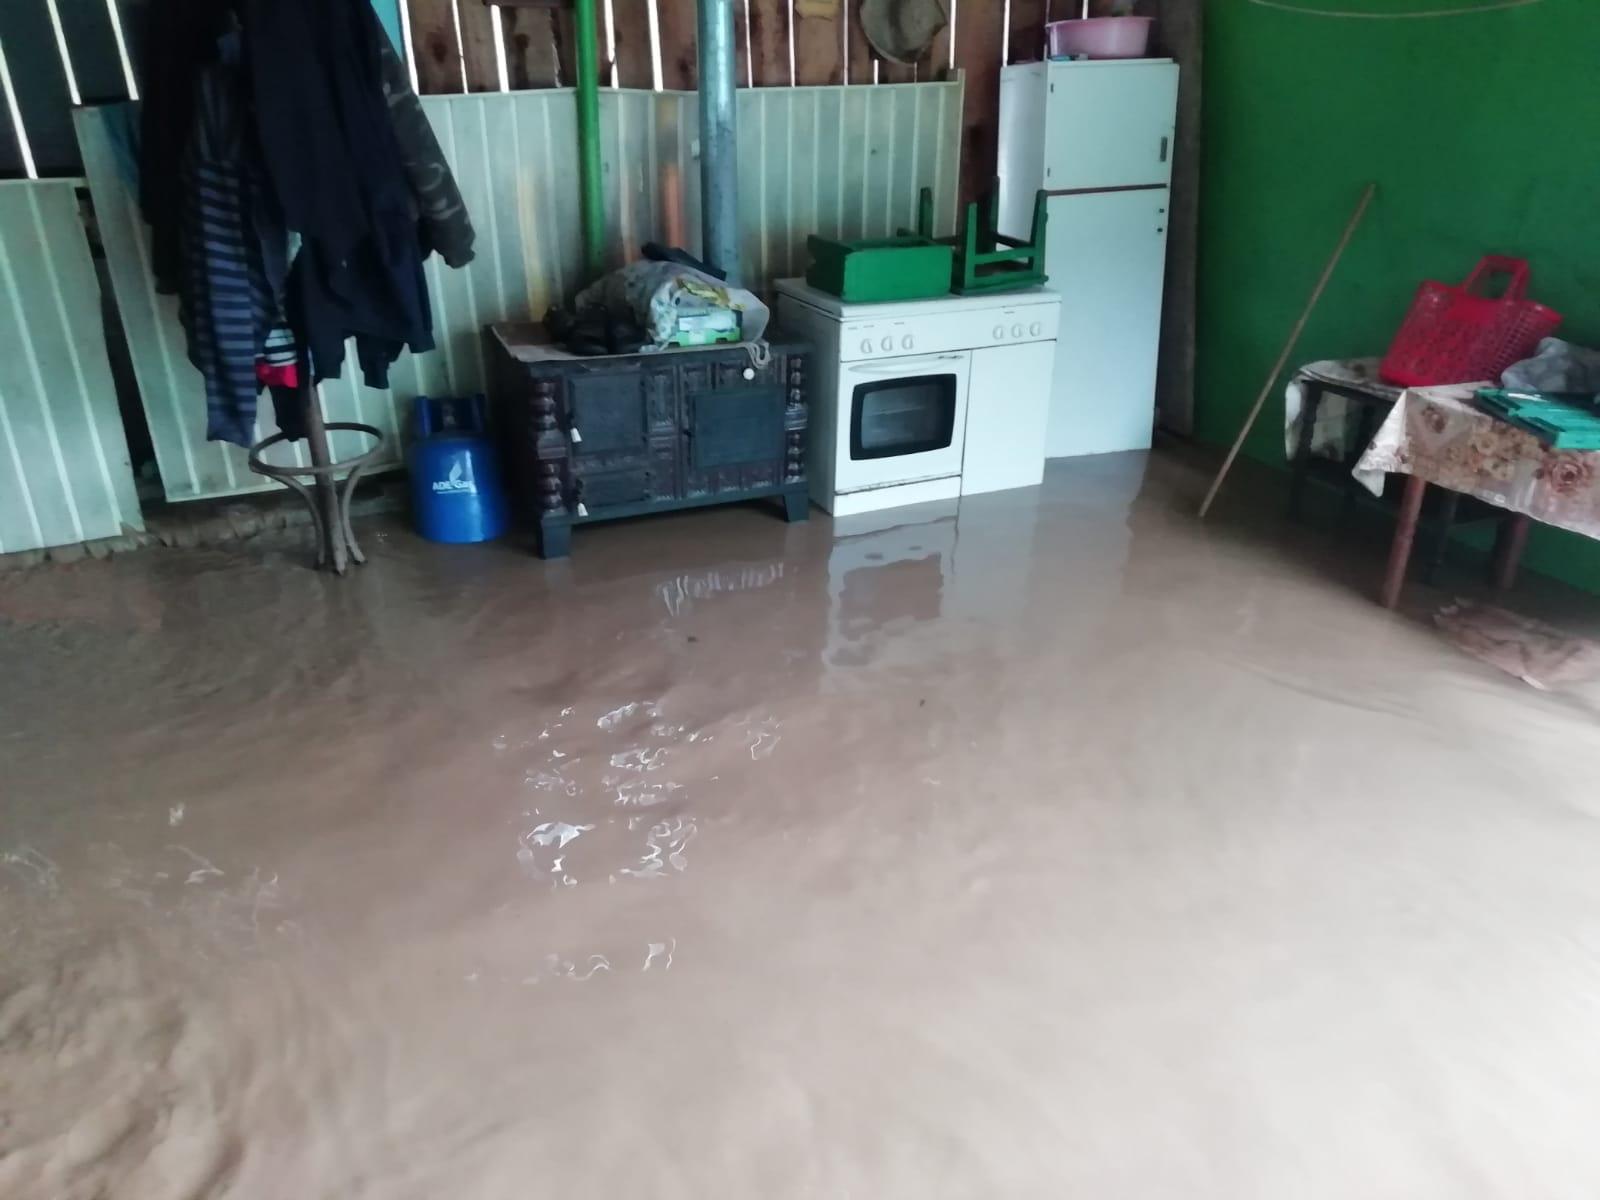 Inundatii campani Bihor 10.06 (2)